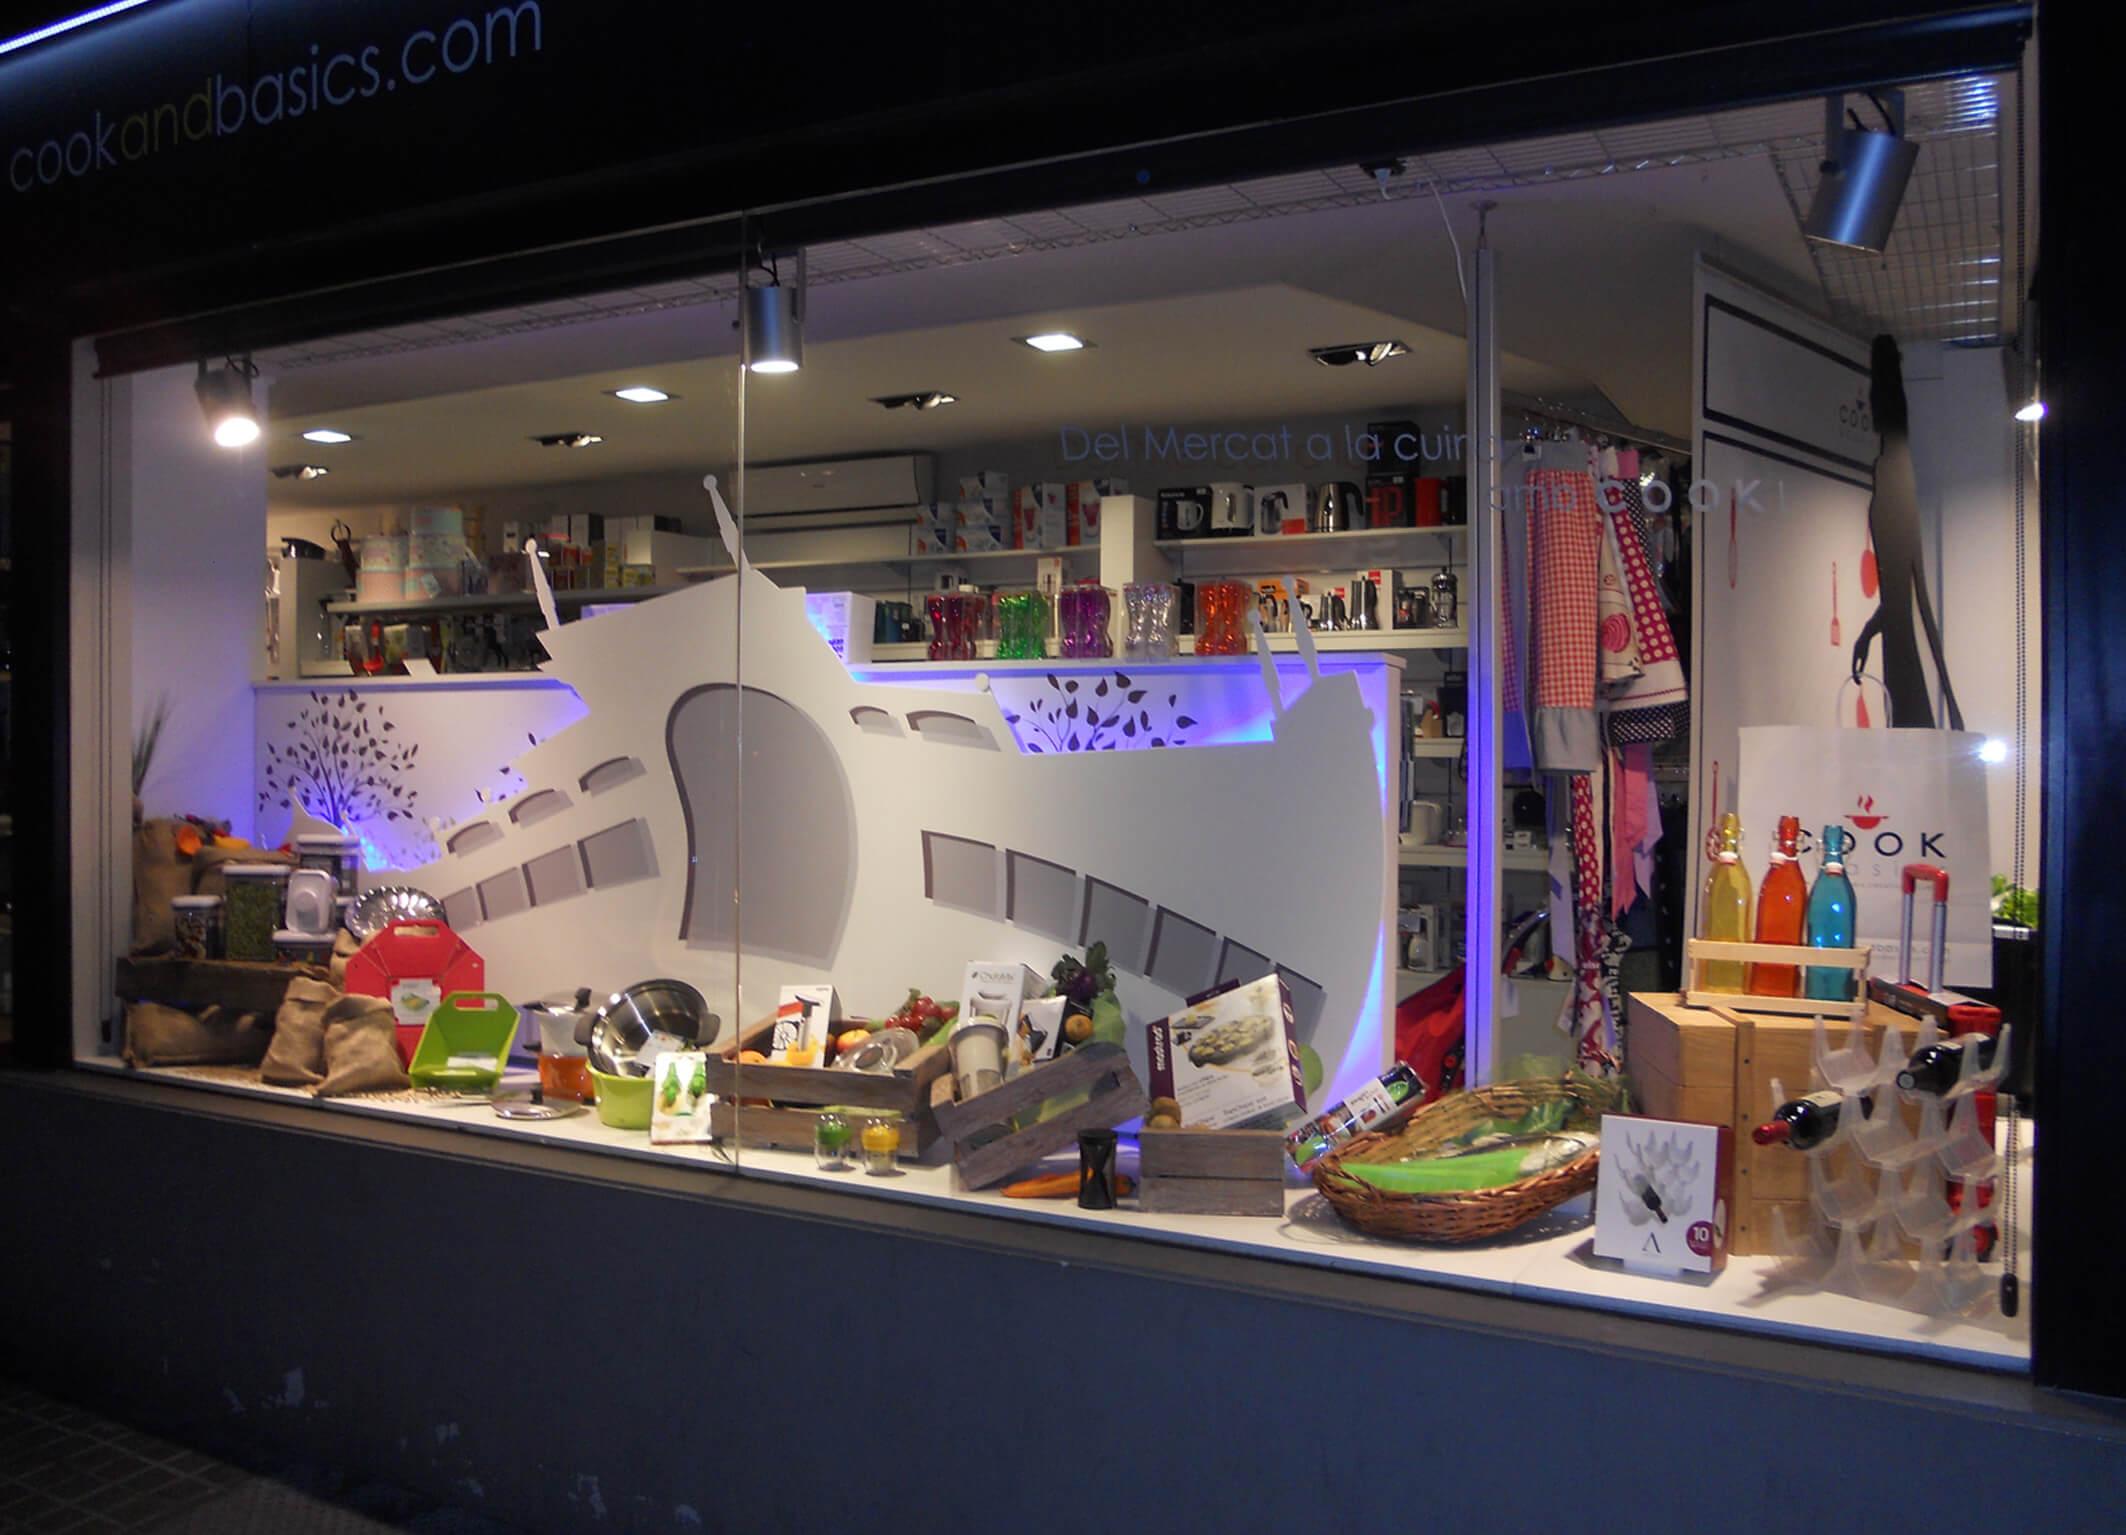 escaparate cocina mercat sabadell tiendas de menaje hogar